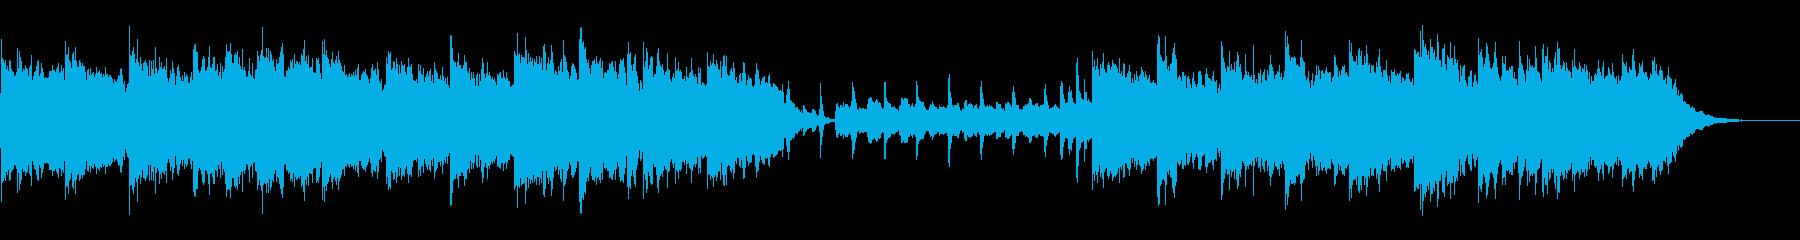 森の動物たちをイメージした神秘的な曲の再生済みの波形